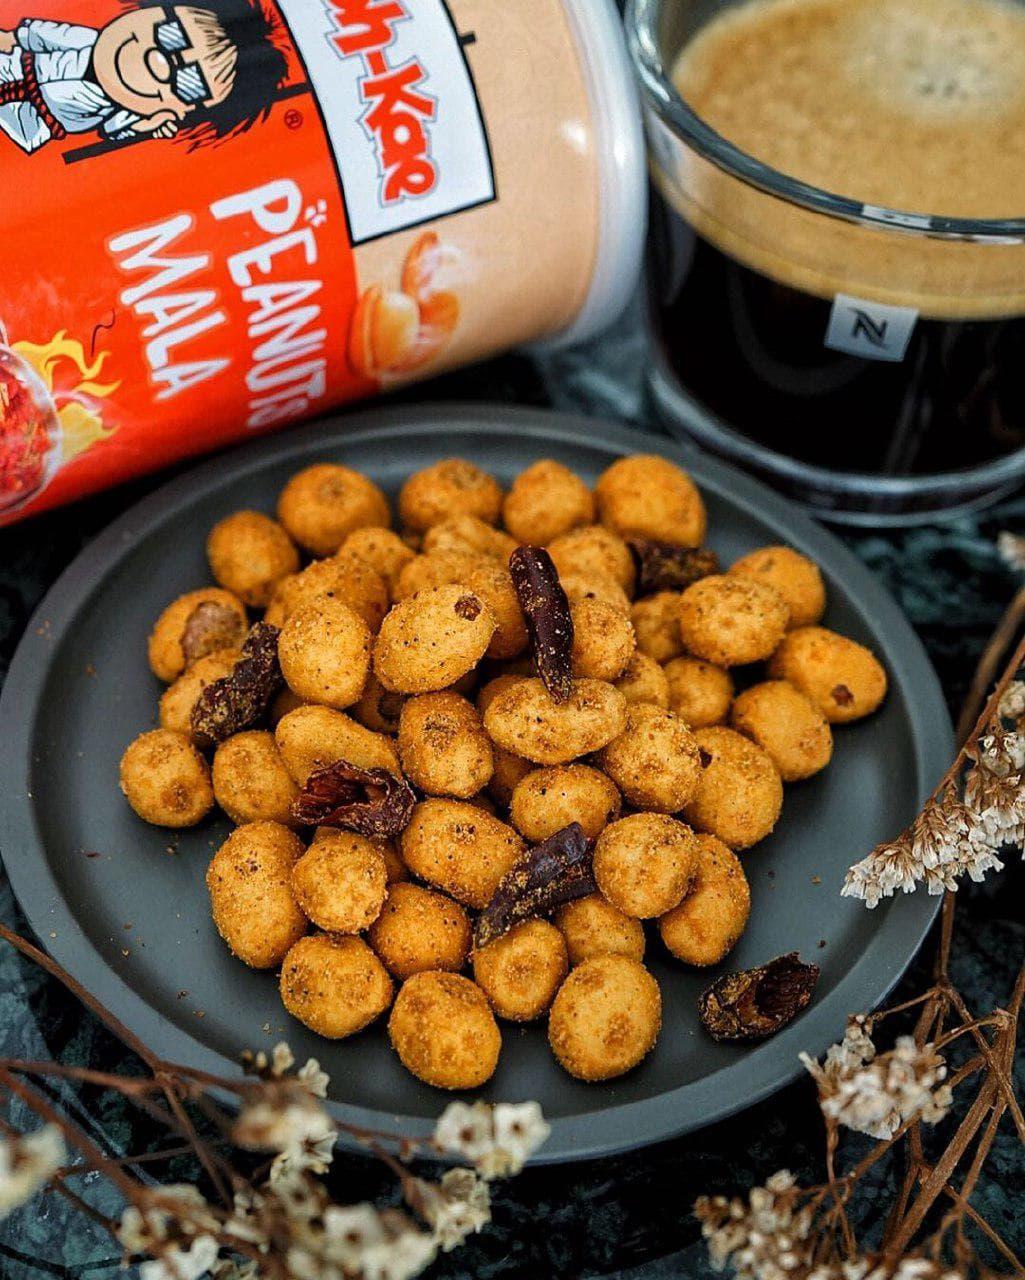 Ma La Snacks - Koh Kae Peanut Mala